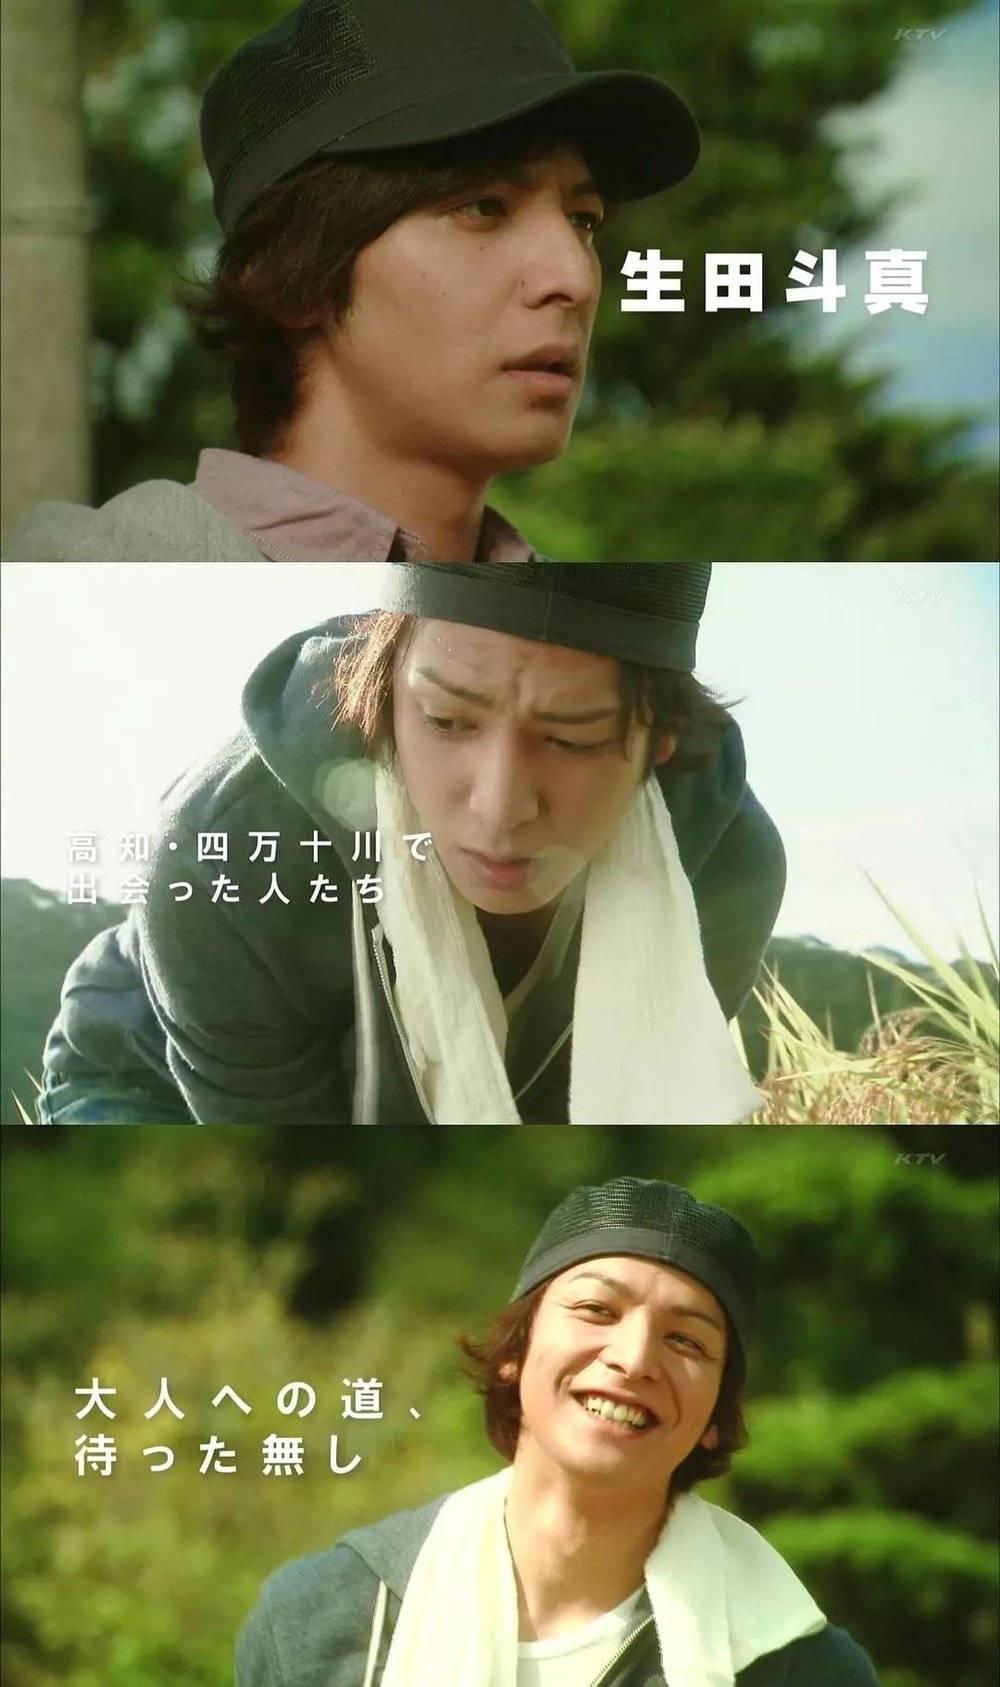 中国年轻人爱北上广深,日本年轻人却乐意到乡下去